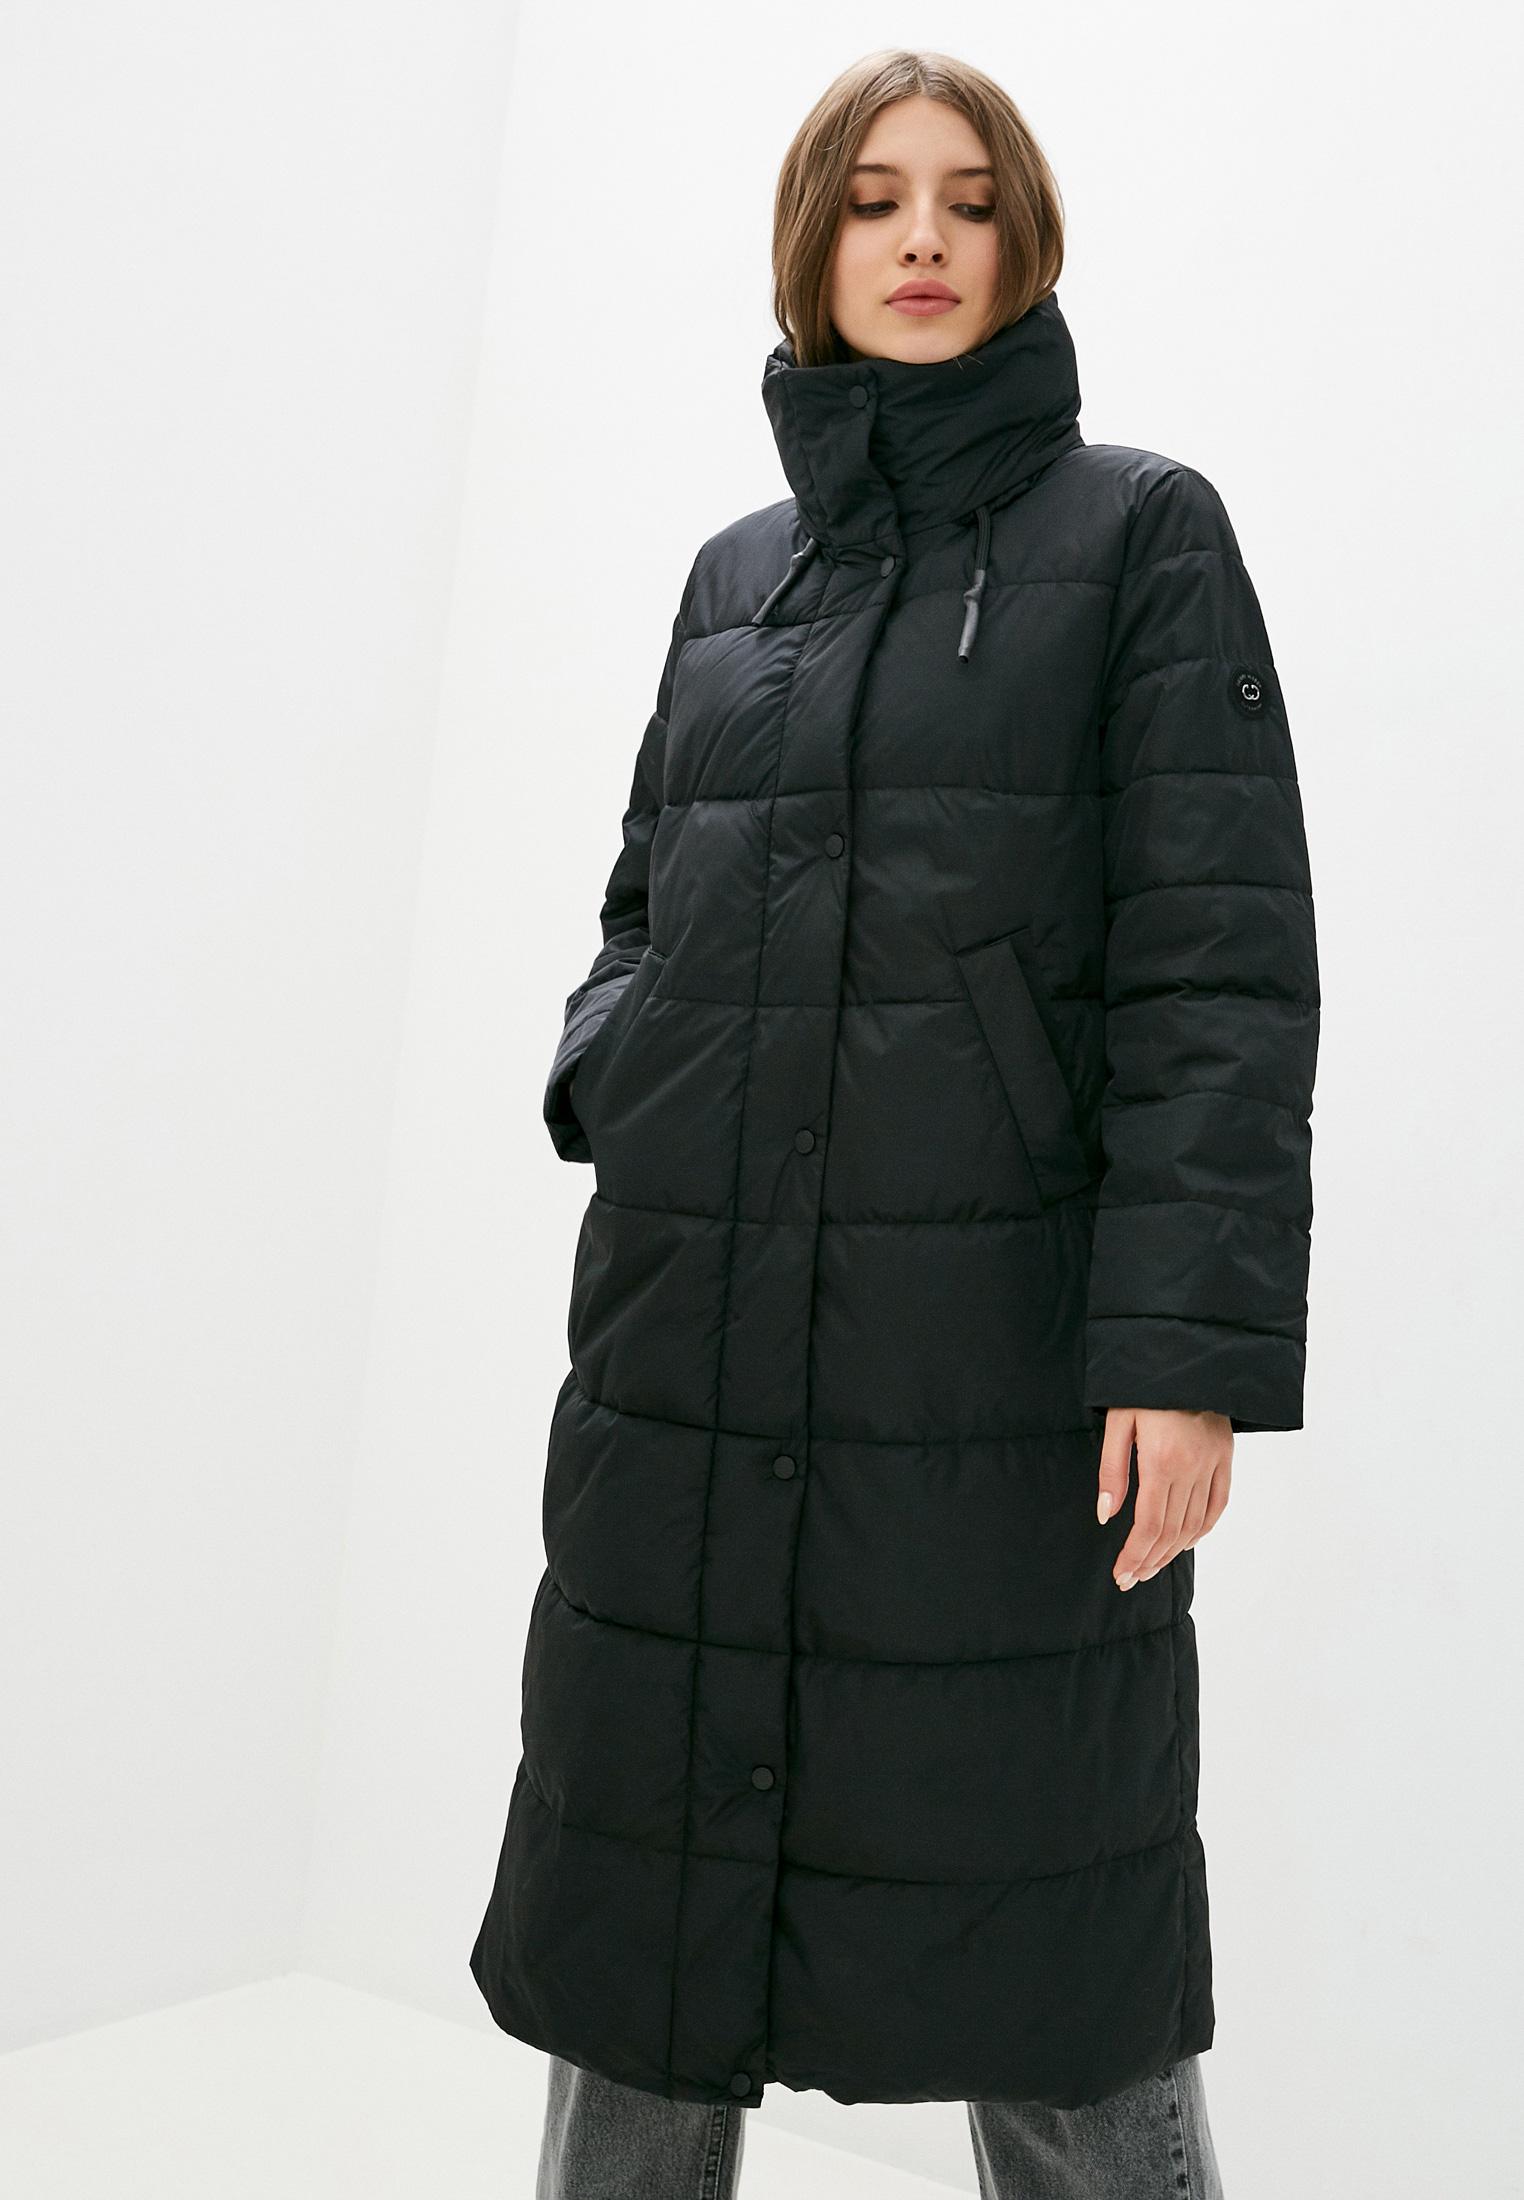 Утепленная куртка Gerry Weber (Гарри Вебер) 450230-31142: изображение 1